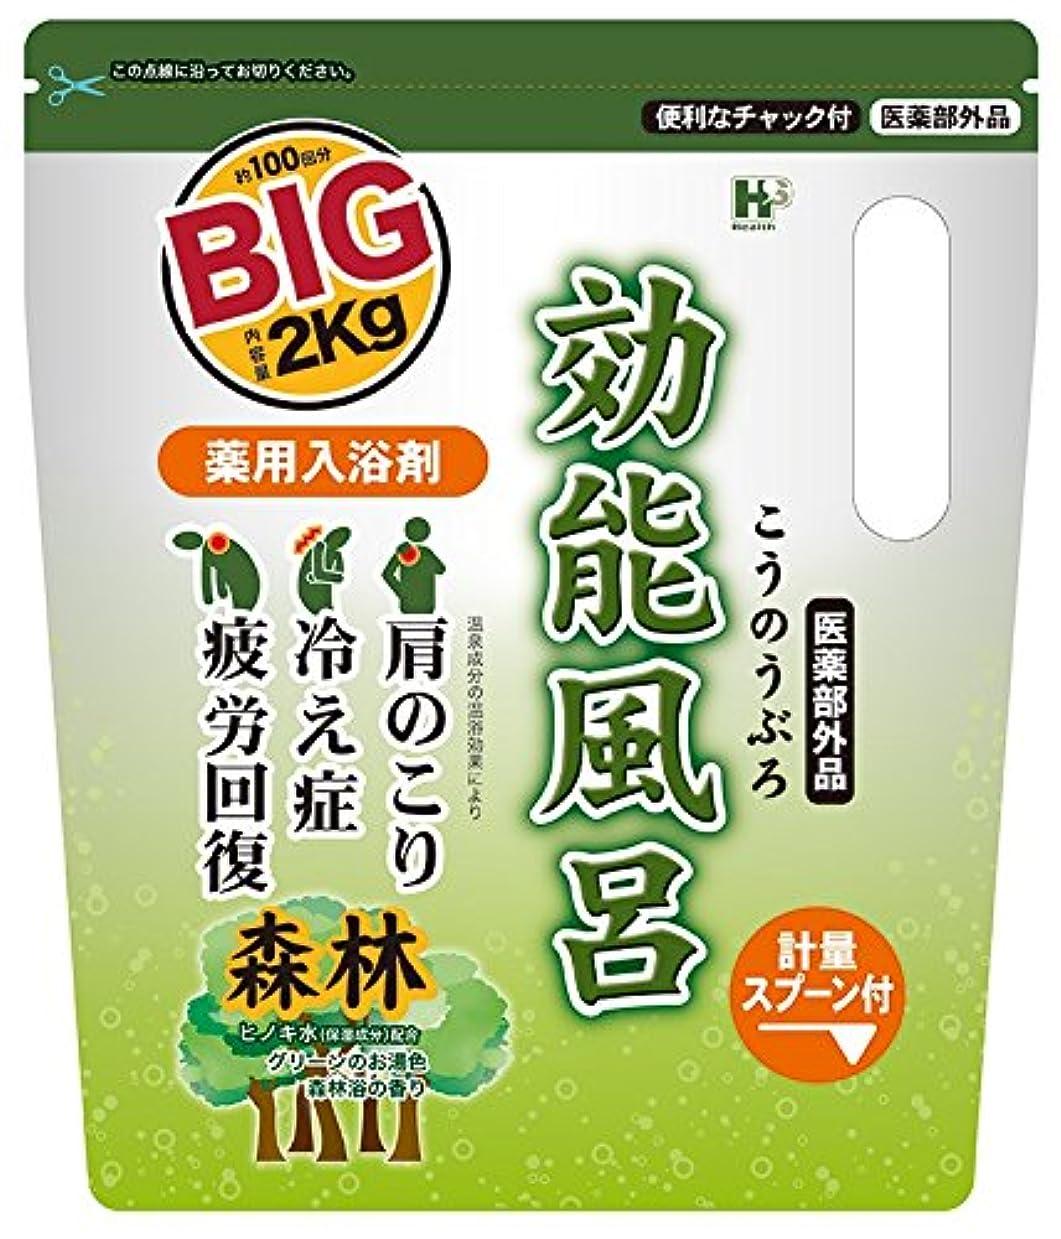 超高層ビル制裁孤独薬用入浴剤 効能風呂 森林の香り BIGサイズ 2kg [医薬部外品]